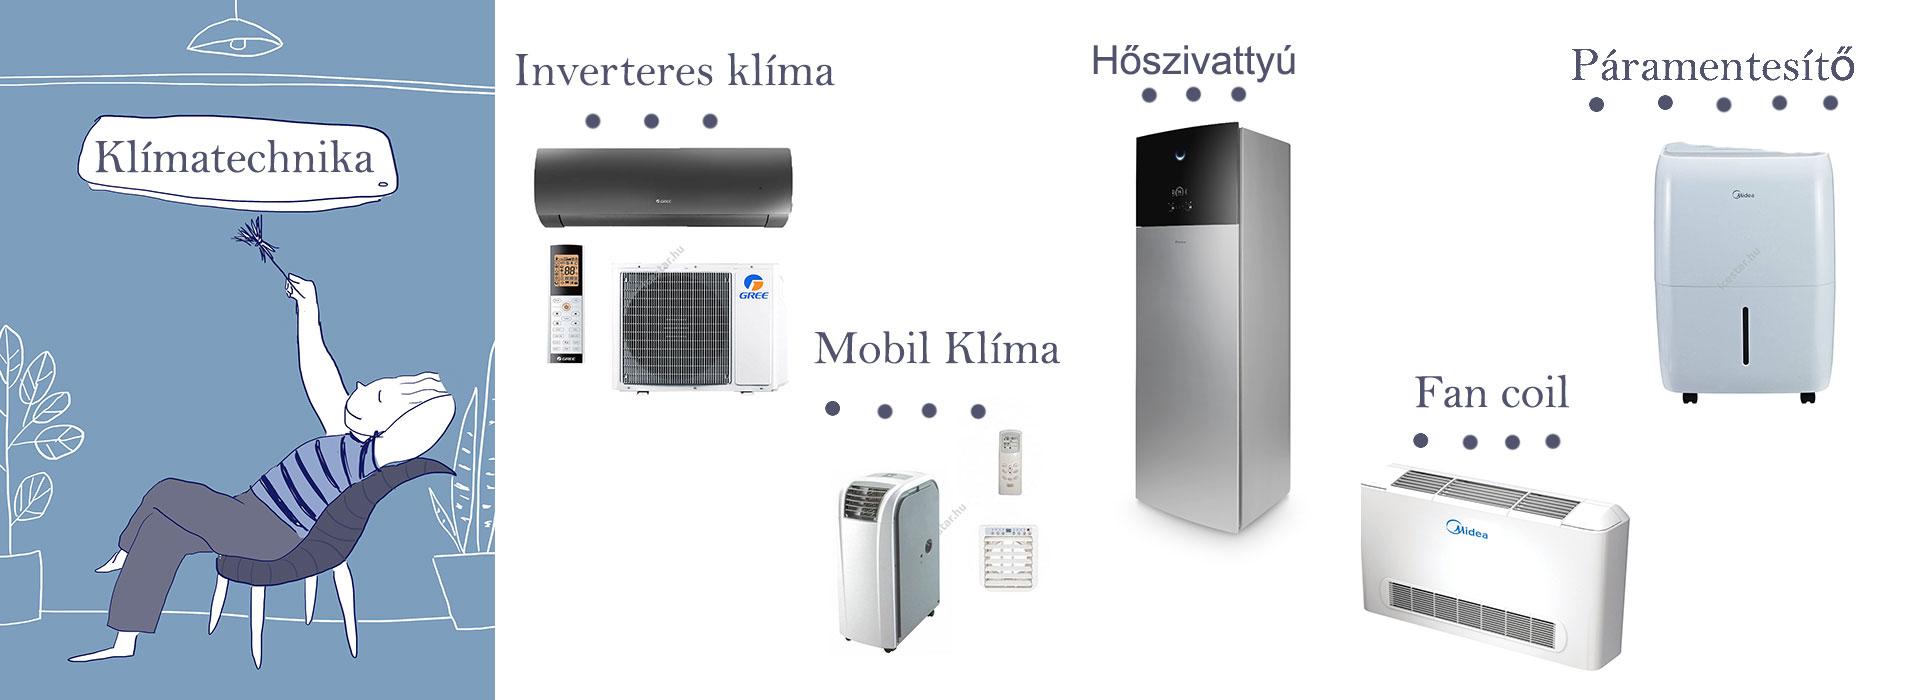 Klímatechnika-inverteres klíma, mobil klíma, hőszivattyú, páramentesítő,fan coil